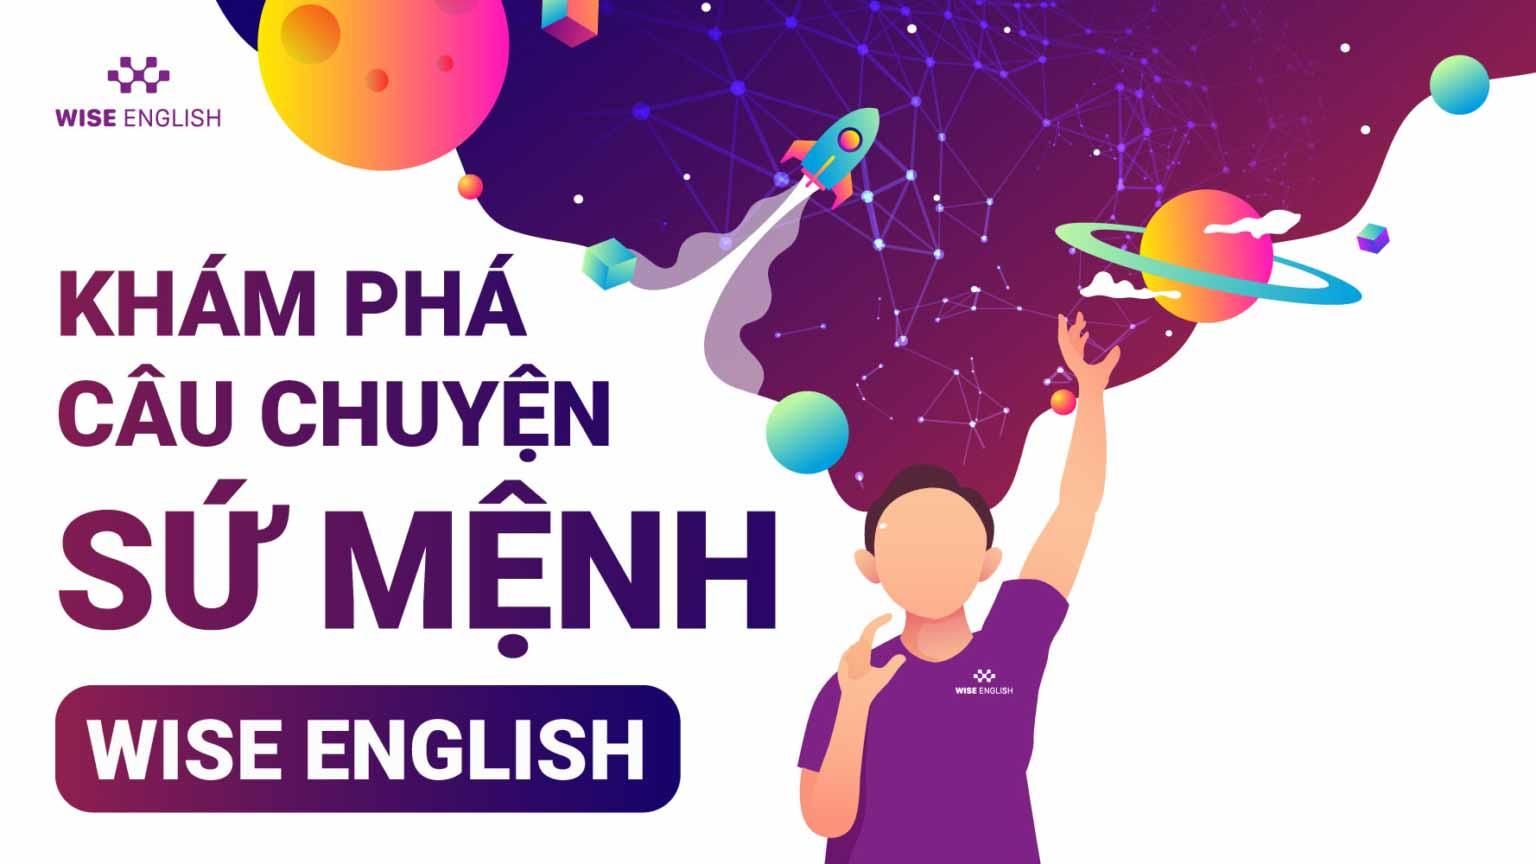 kham pha cau chuyen su menh 20201230 070131